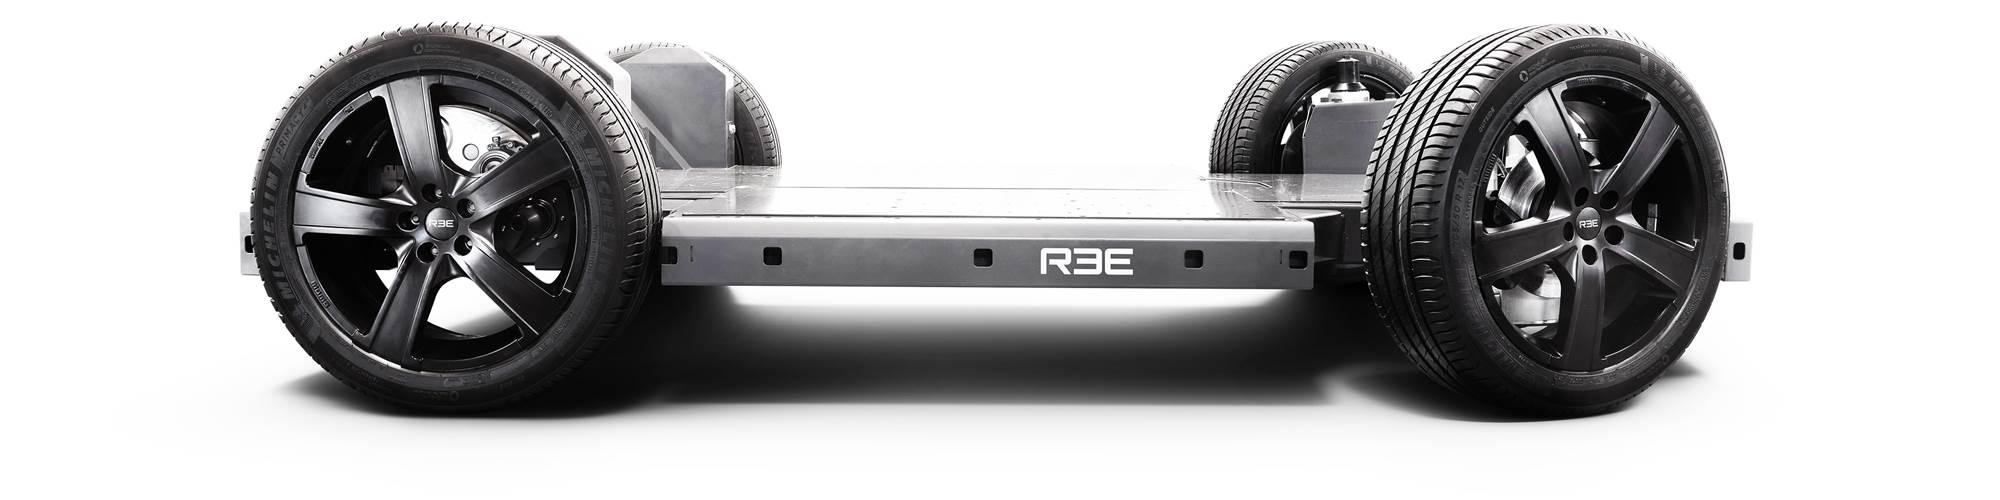 Ree Auto EV platform